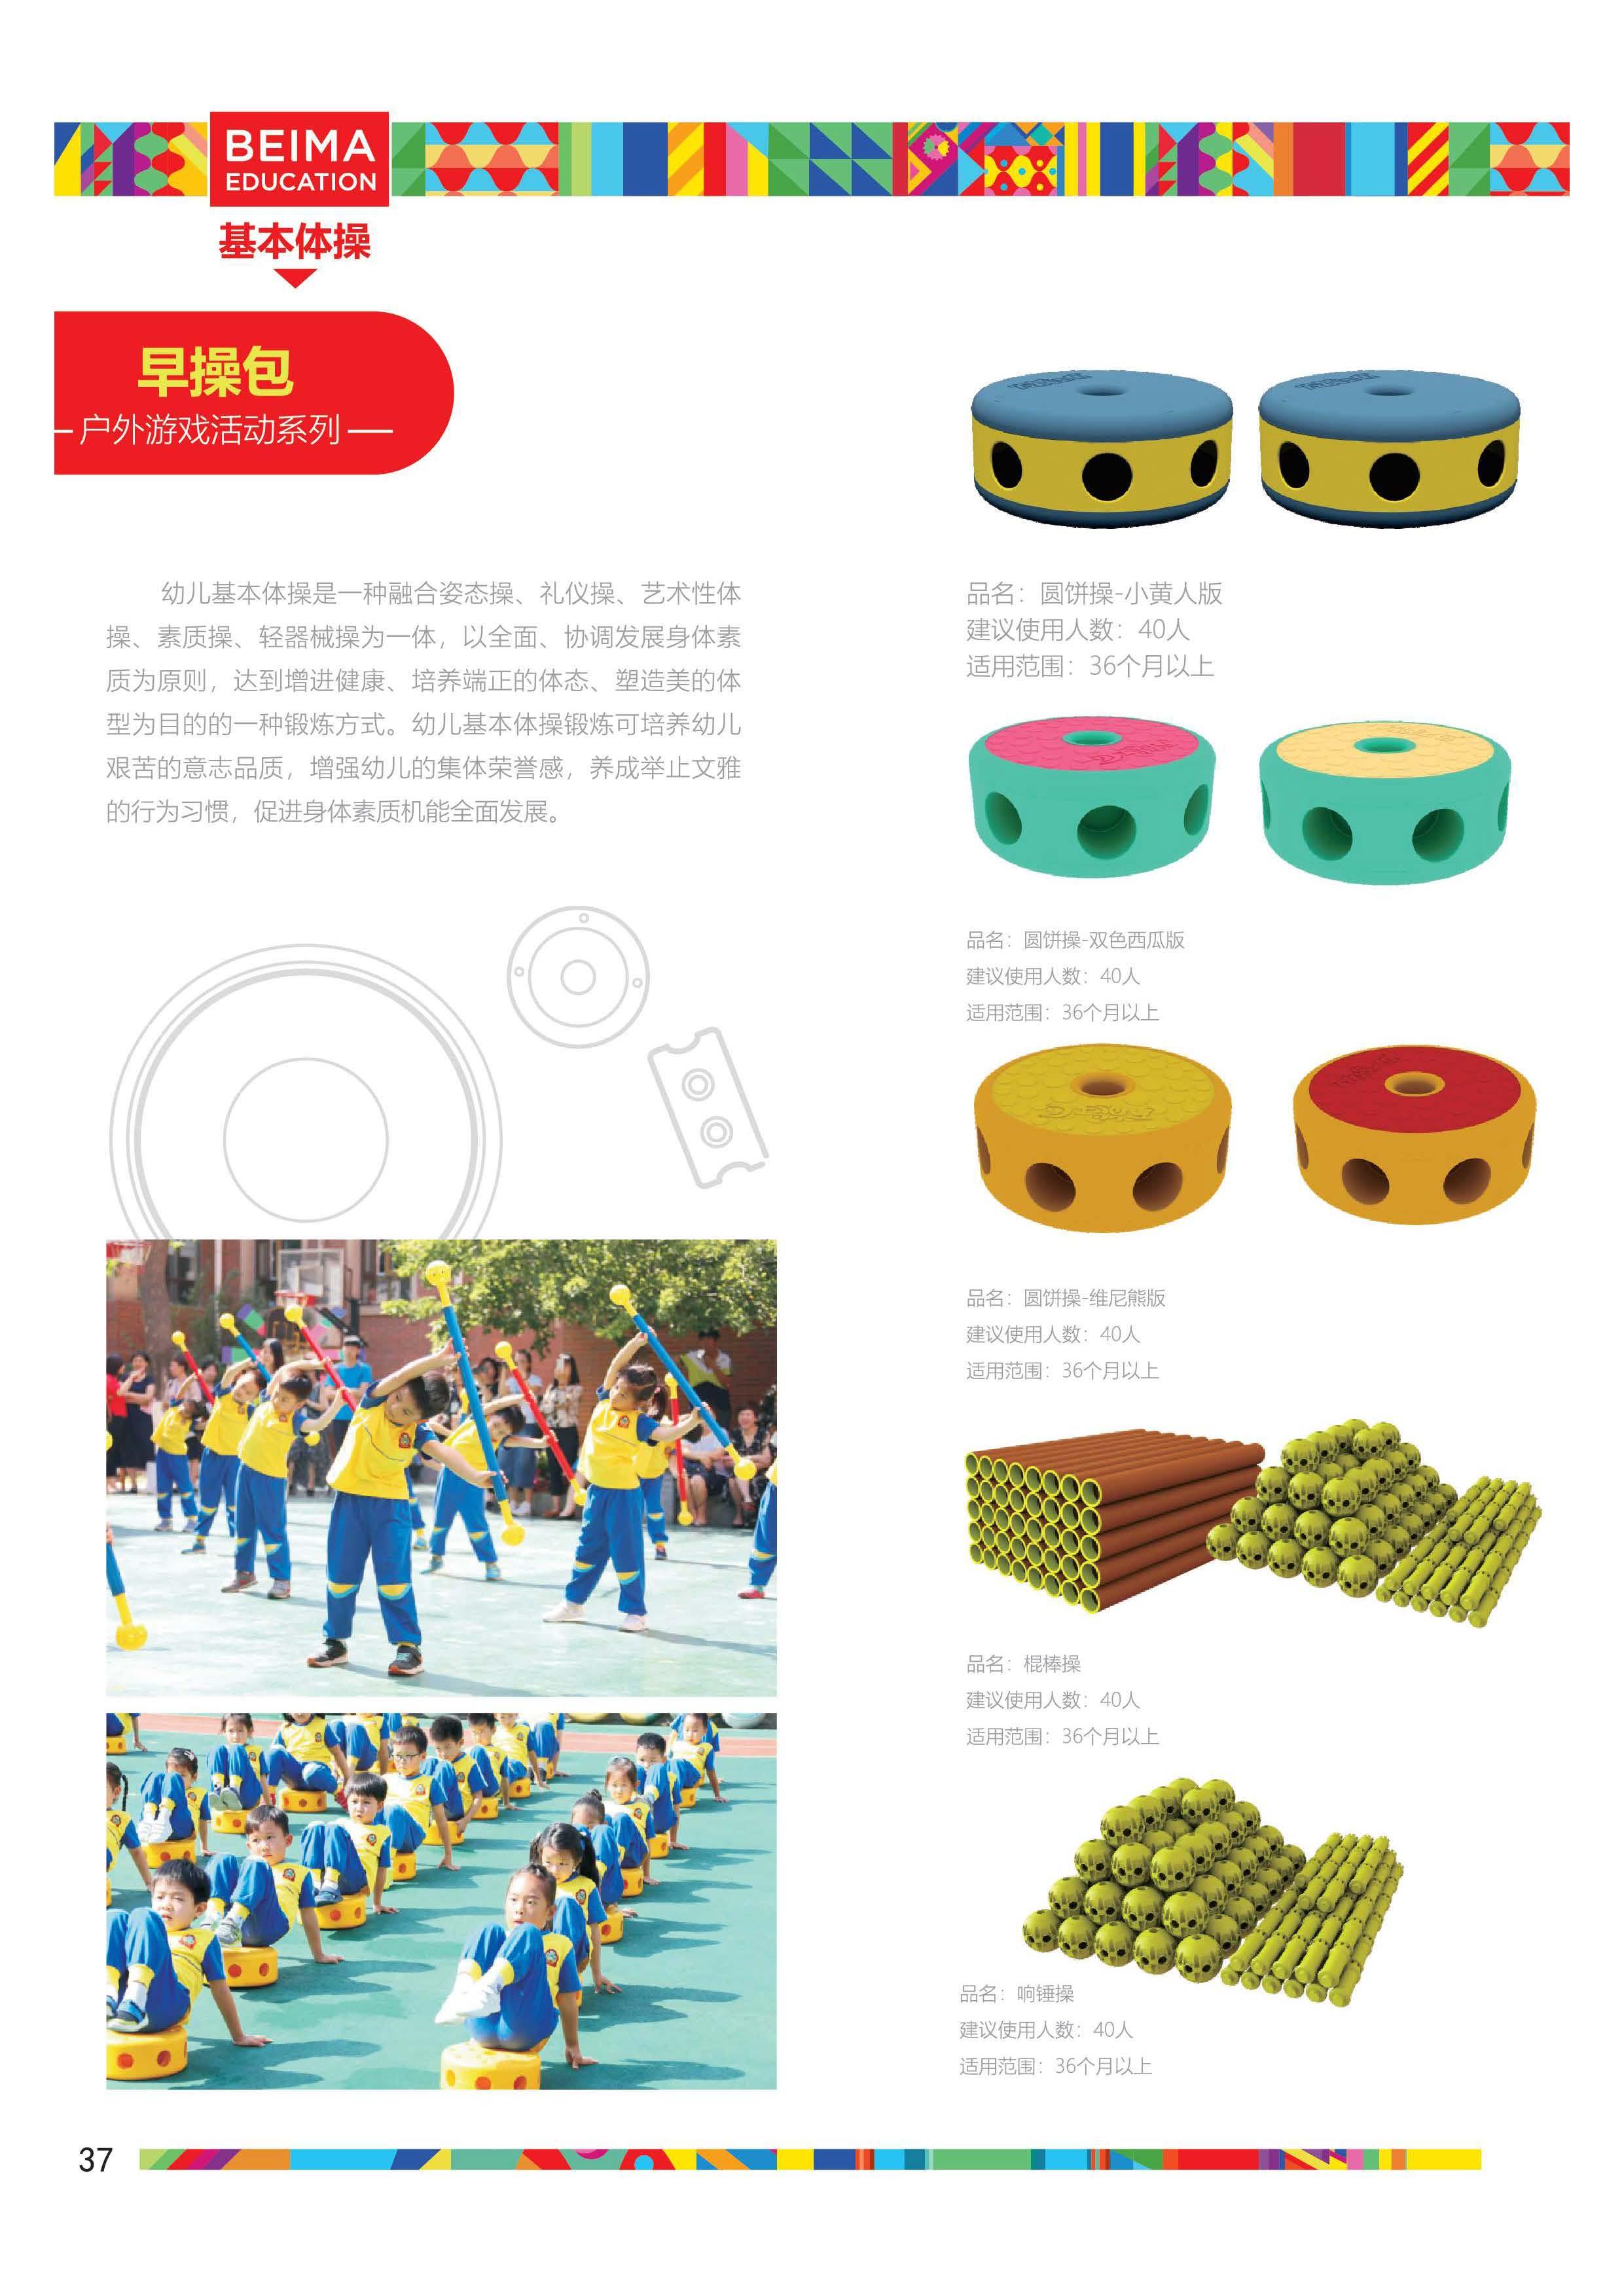 贝玛最新产品手册_页面_38.jpg